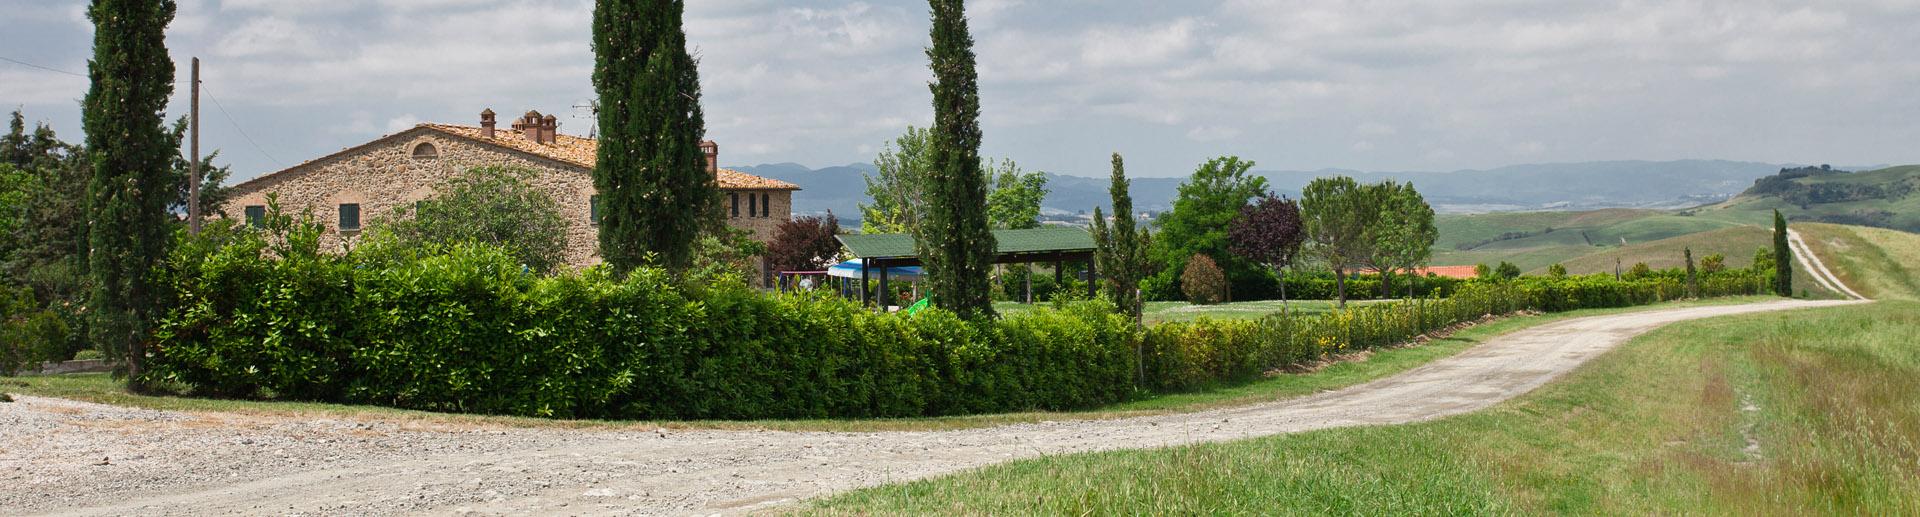 biobauernhof landhaus agriturismo